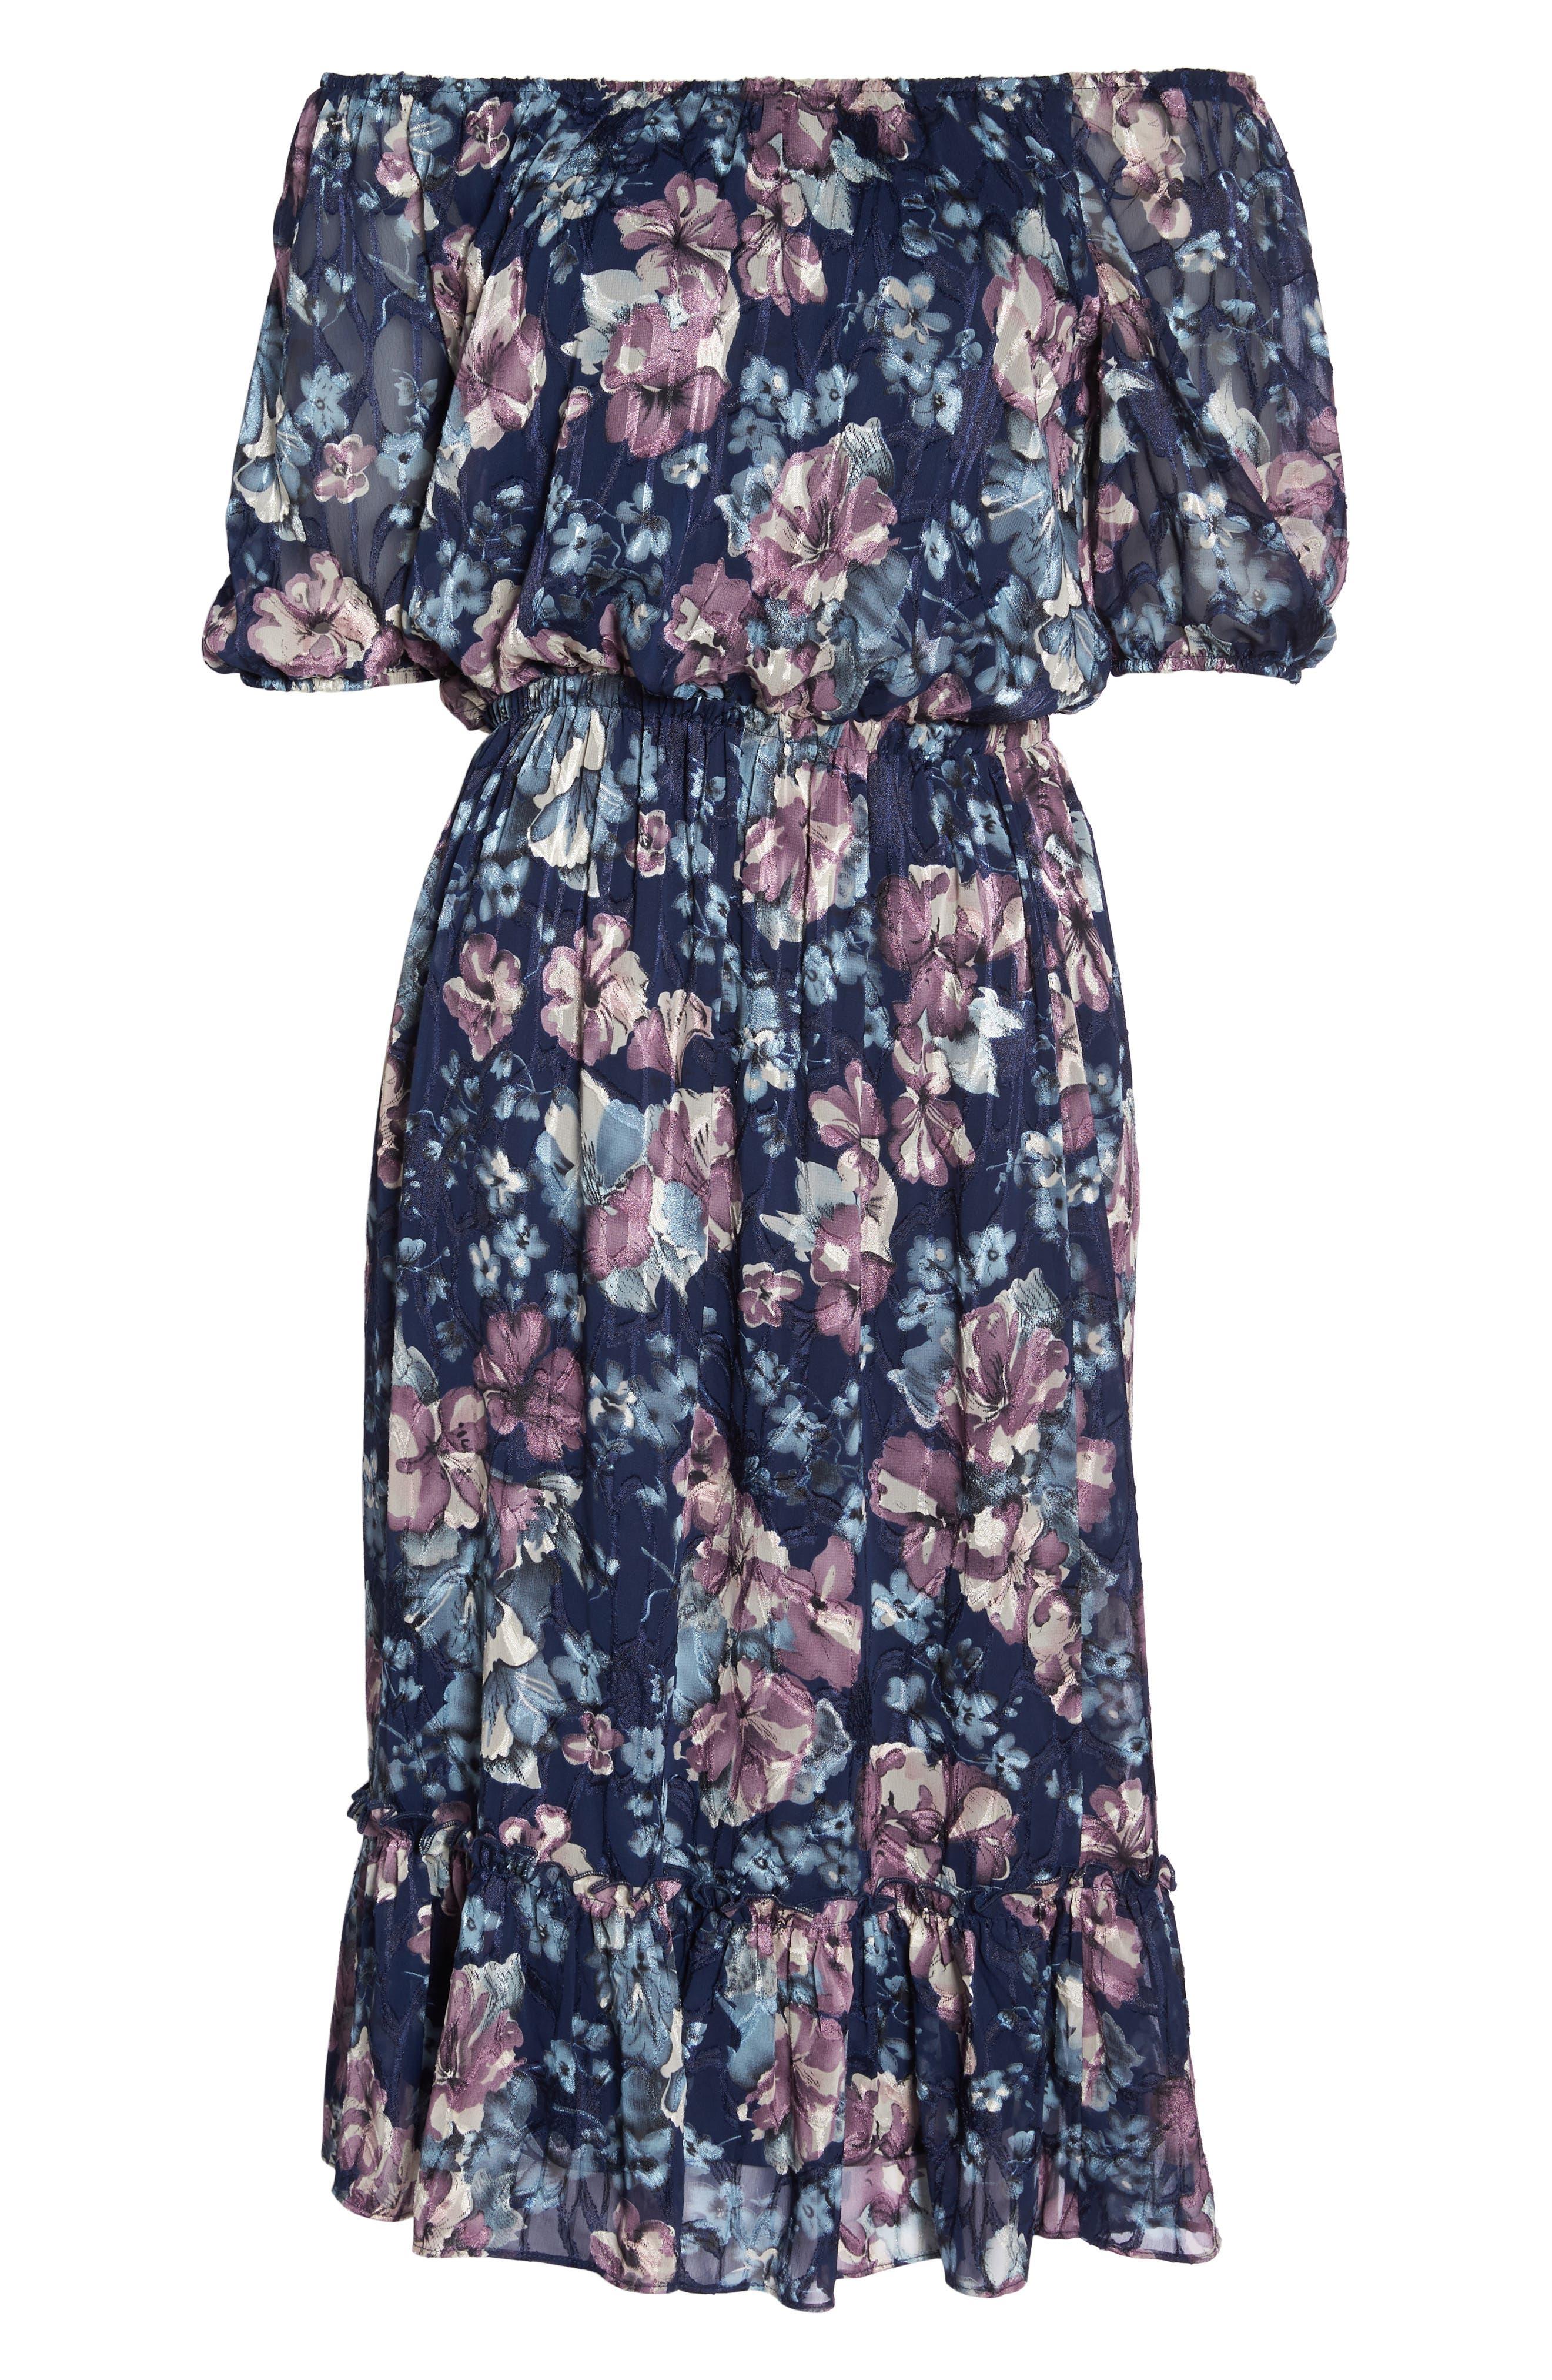 Floral Burnout Off the Shoulder Blouson Dress,                             Alternate thumbnail 7, color,                             Navy Multi